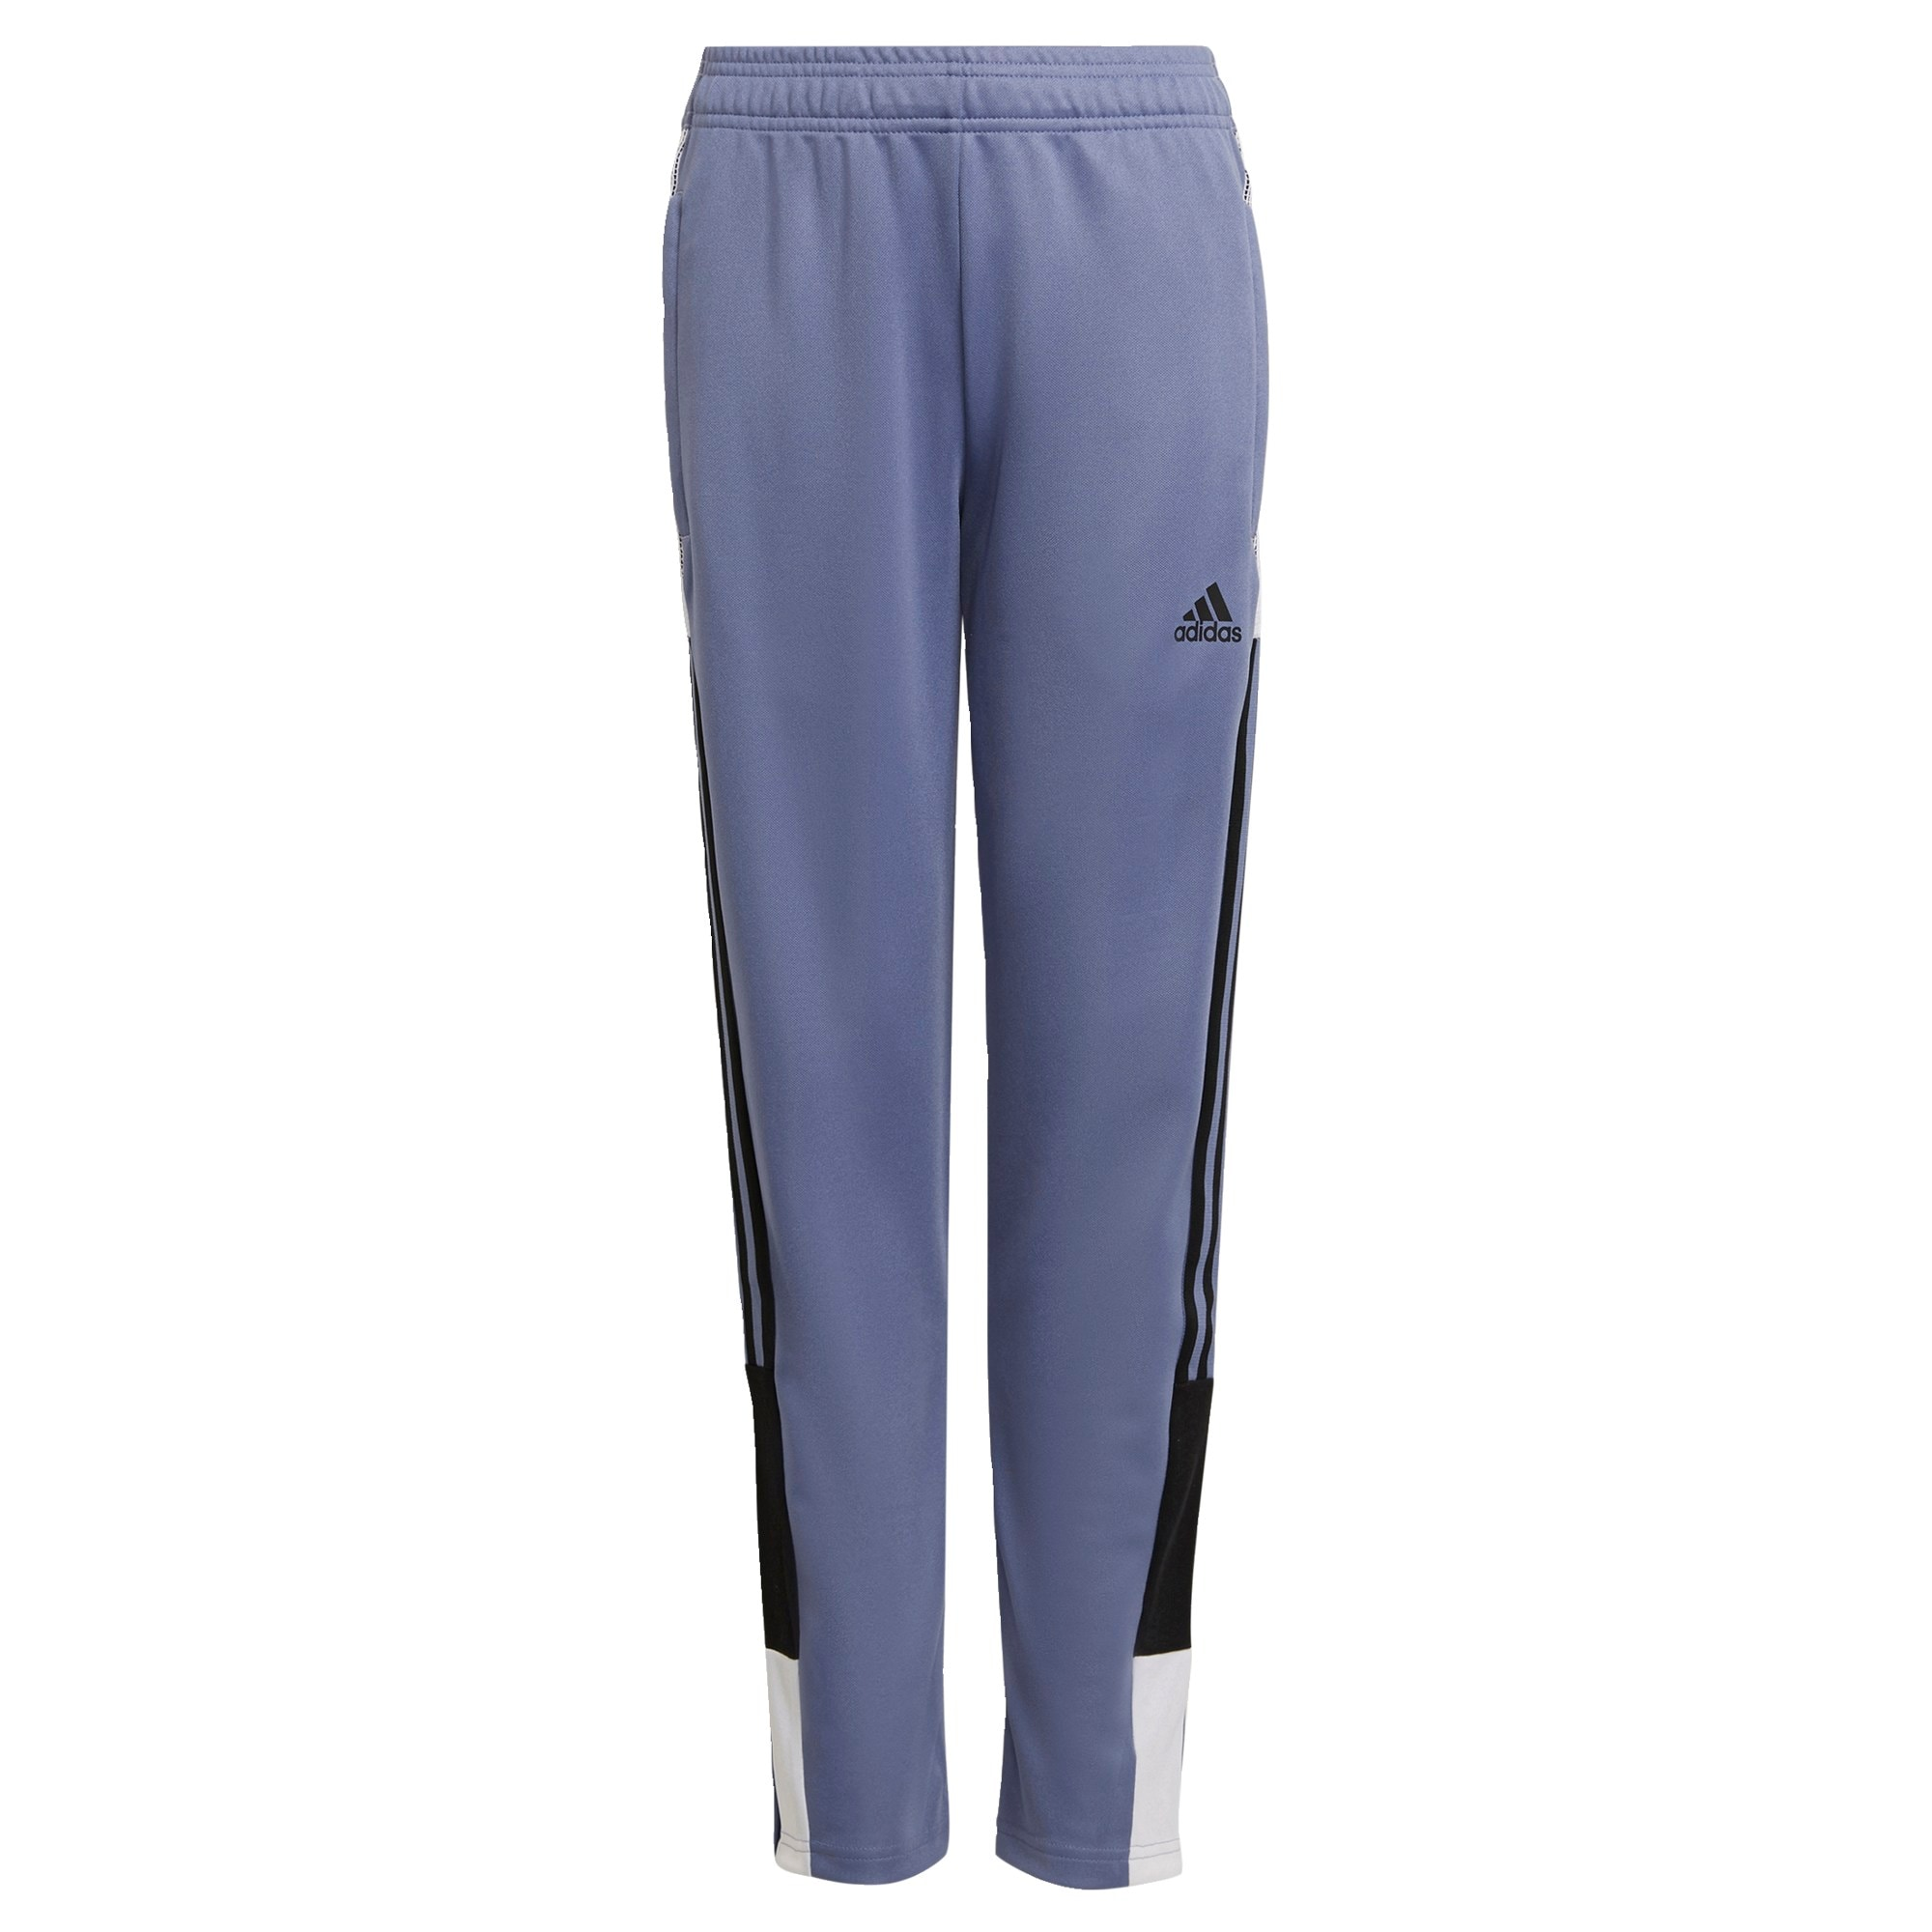 ADIDAS PERFORMANCE Sportinės kelnės 'Tiro' purpurinė / juoda / balta